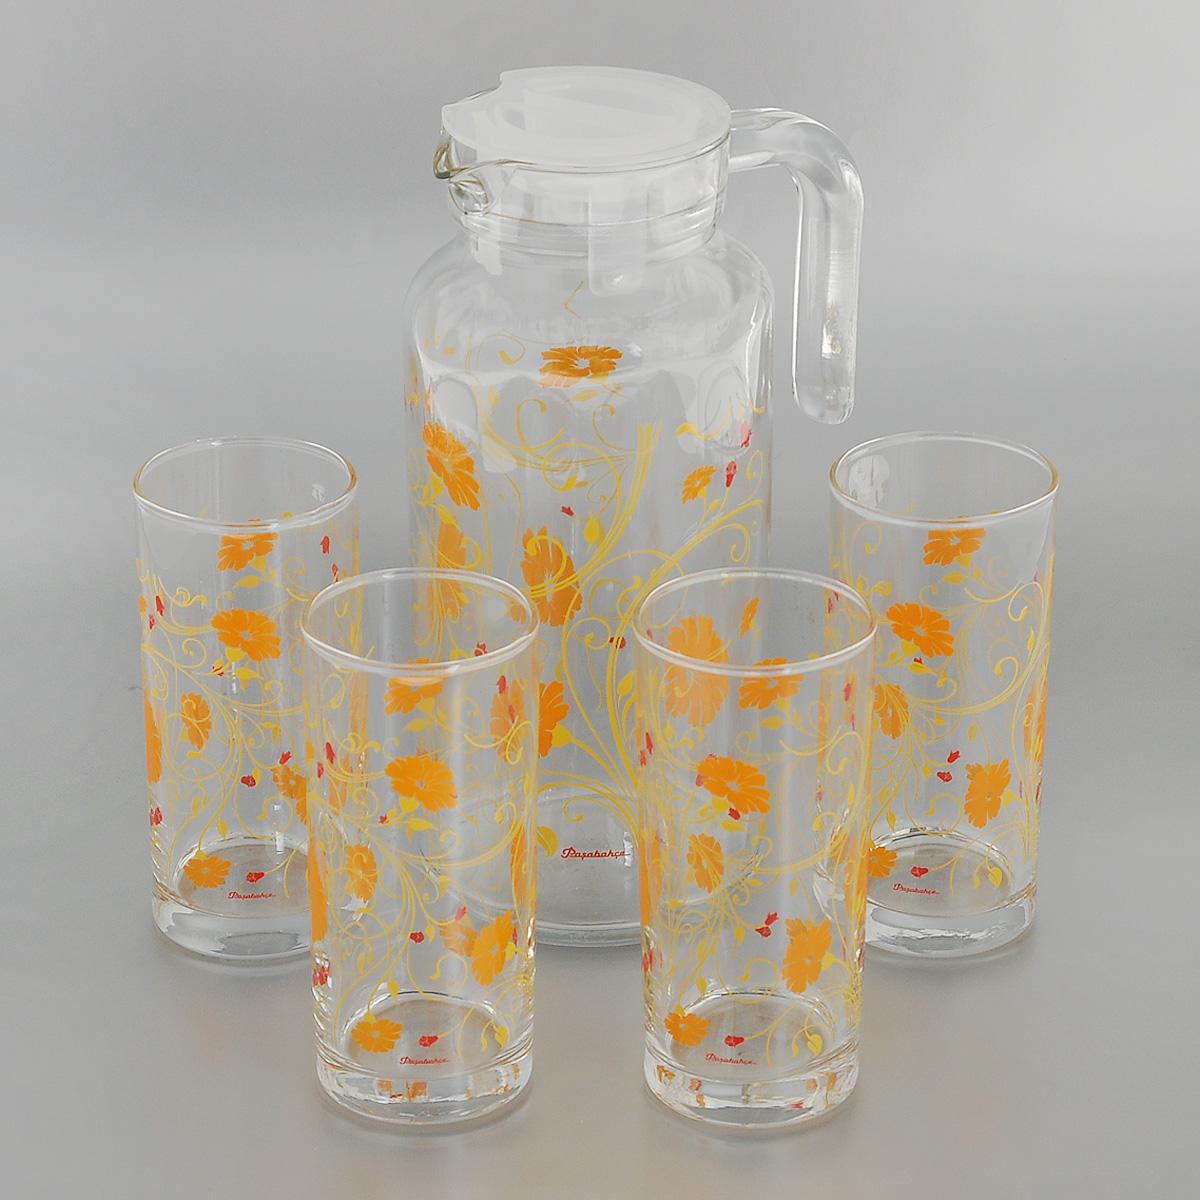 Набор для воды Pasabahce Workshop Serenade, цвет: оранжевый, 5 предметовVT-1520(SR)Набор Pasabahce Workshop Serenade состоит из четырех стаканов и кувшина, выполненных из прочного натрий-кальций-силикатного стекла. Предметы набора, декорированные цветочным рисунком, предназначены для воды, сока и других напитков. Кувшин снабжен пластиковой, плотно закрывающейся крышкой. Изделия сочетают в себе элегантный дизайн и функциональность. Благодаря такому набору пить напитки будет еще вкуснее.Набор для воды Pasabahce Workshop Serenade прекрасно оформит праздничный стол и создаст приятную атмосферу. Такой набор также станет хорошим подарком к любому случаю. Можно мыть в посудомоечной машине и использовать в микроволновой печи.Объем кувшина: 1,3 л. Диаметр кувшина (по верхнему краю): 7,5 см. Высота кувшина (без учета крышки): 22,5 см. Объем стакана: 290 мл. Диаметр стакана (по верхнему краю): 5,5 см. Высота стакана: 13 см.